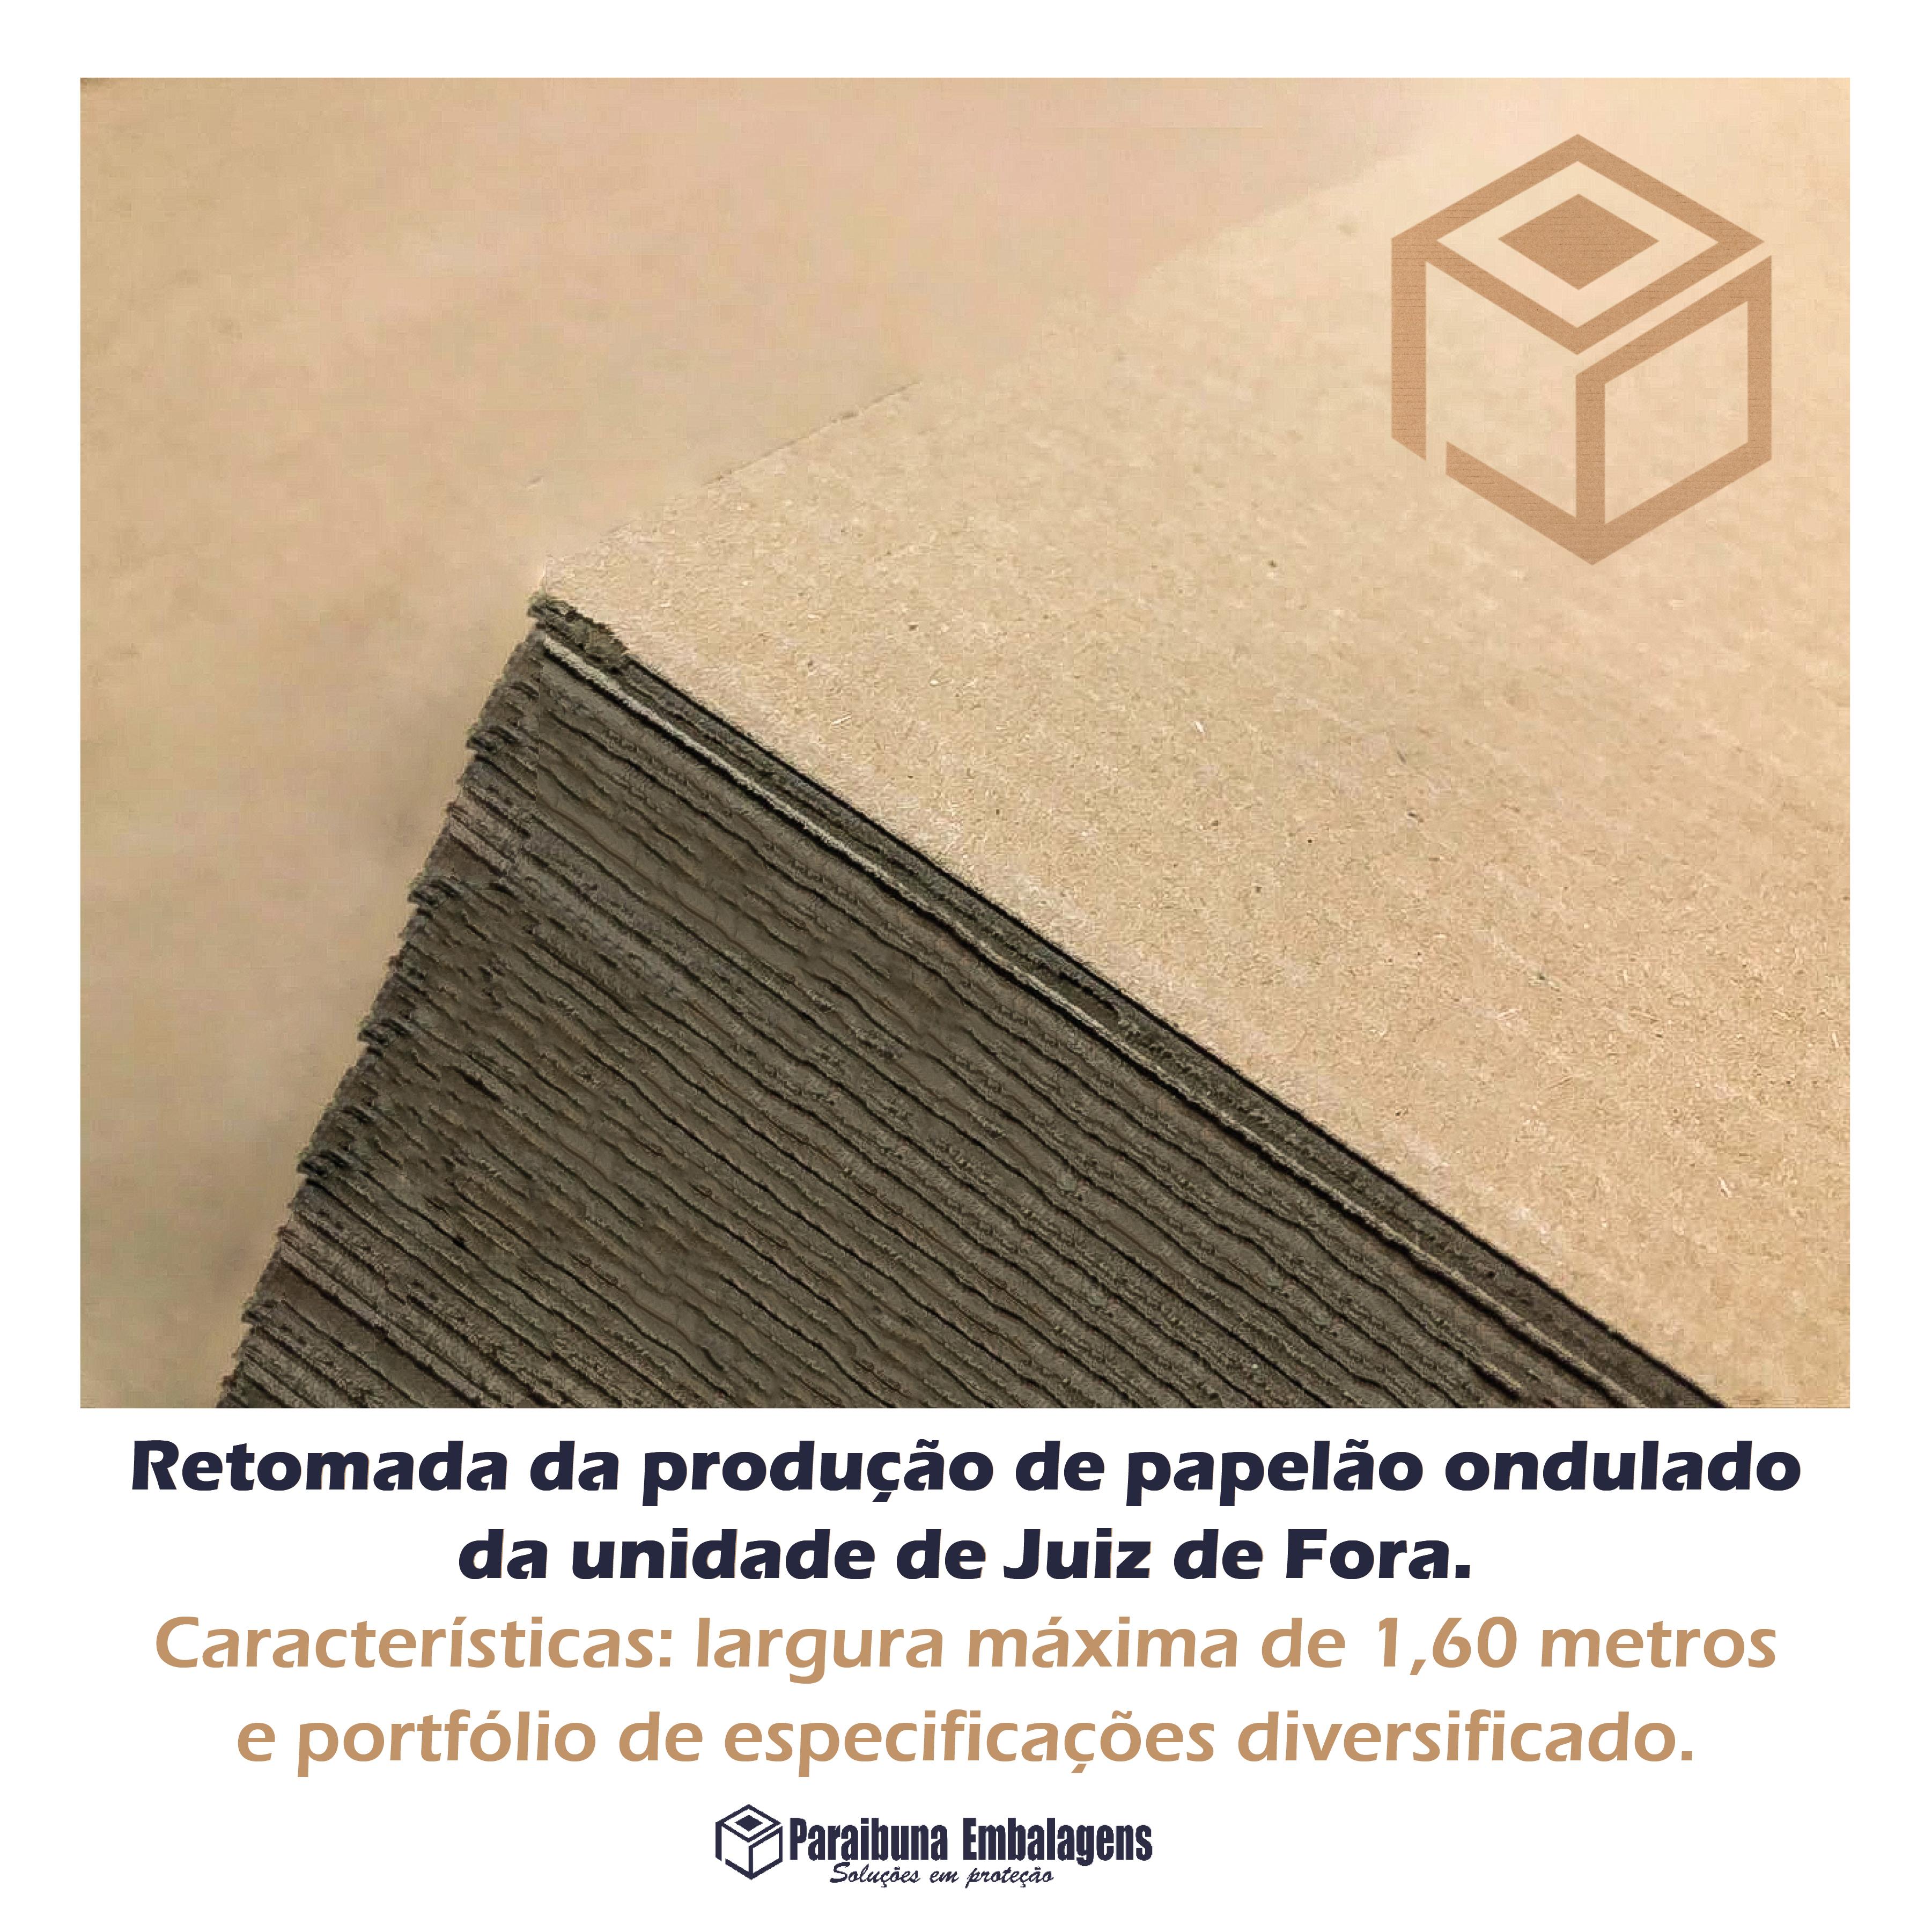 Paraibuna Embalagens retoma a produção de papelão ondulado na unidade de Juiz de Fora/MG.